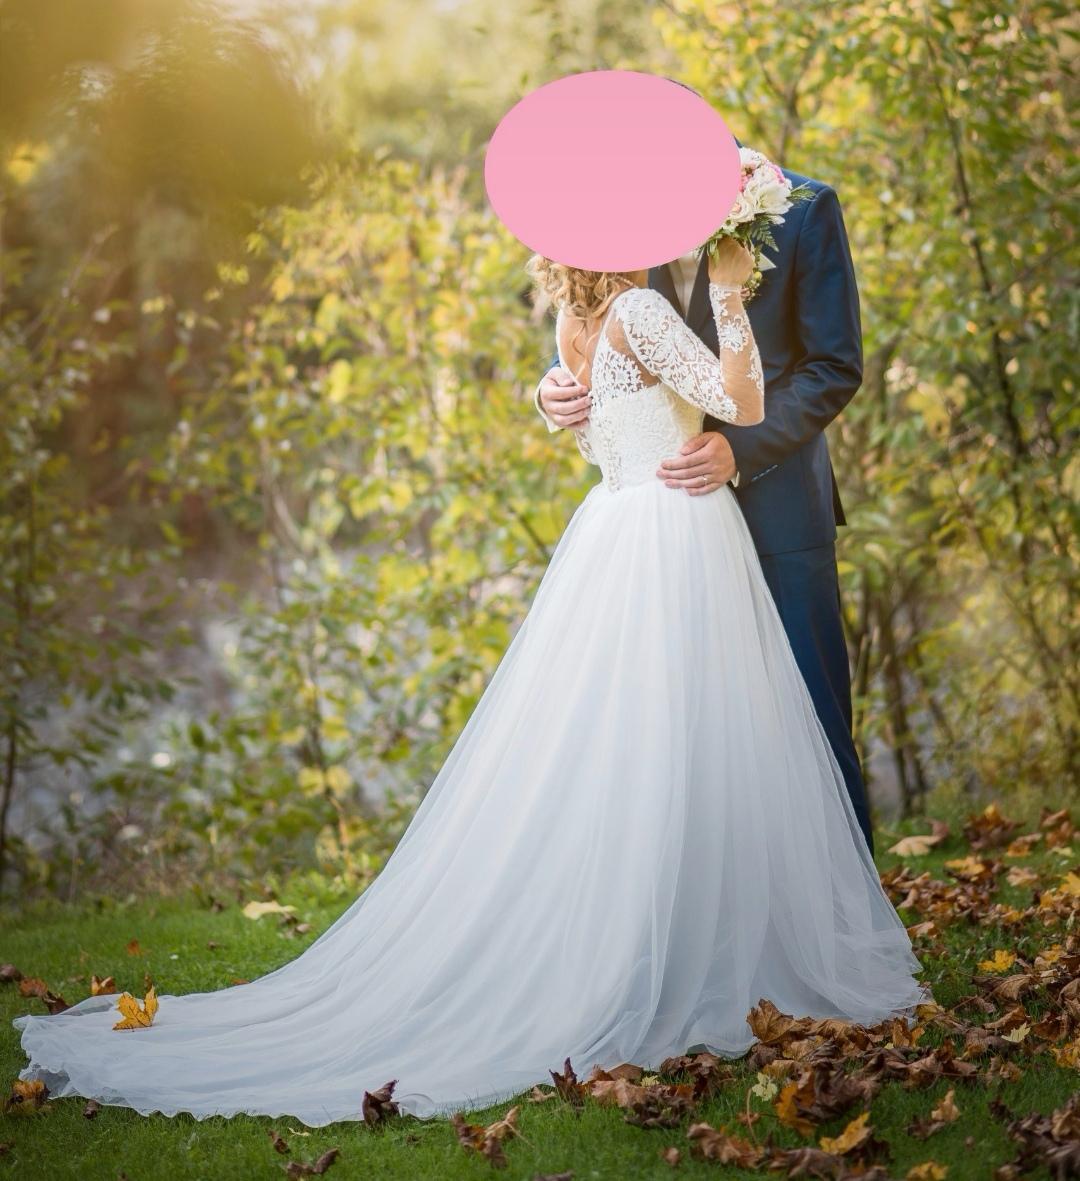 Svatební šaty champagne barva s krajkou a rukávy - Obrázek č. 1